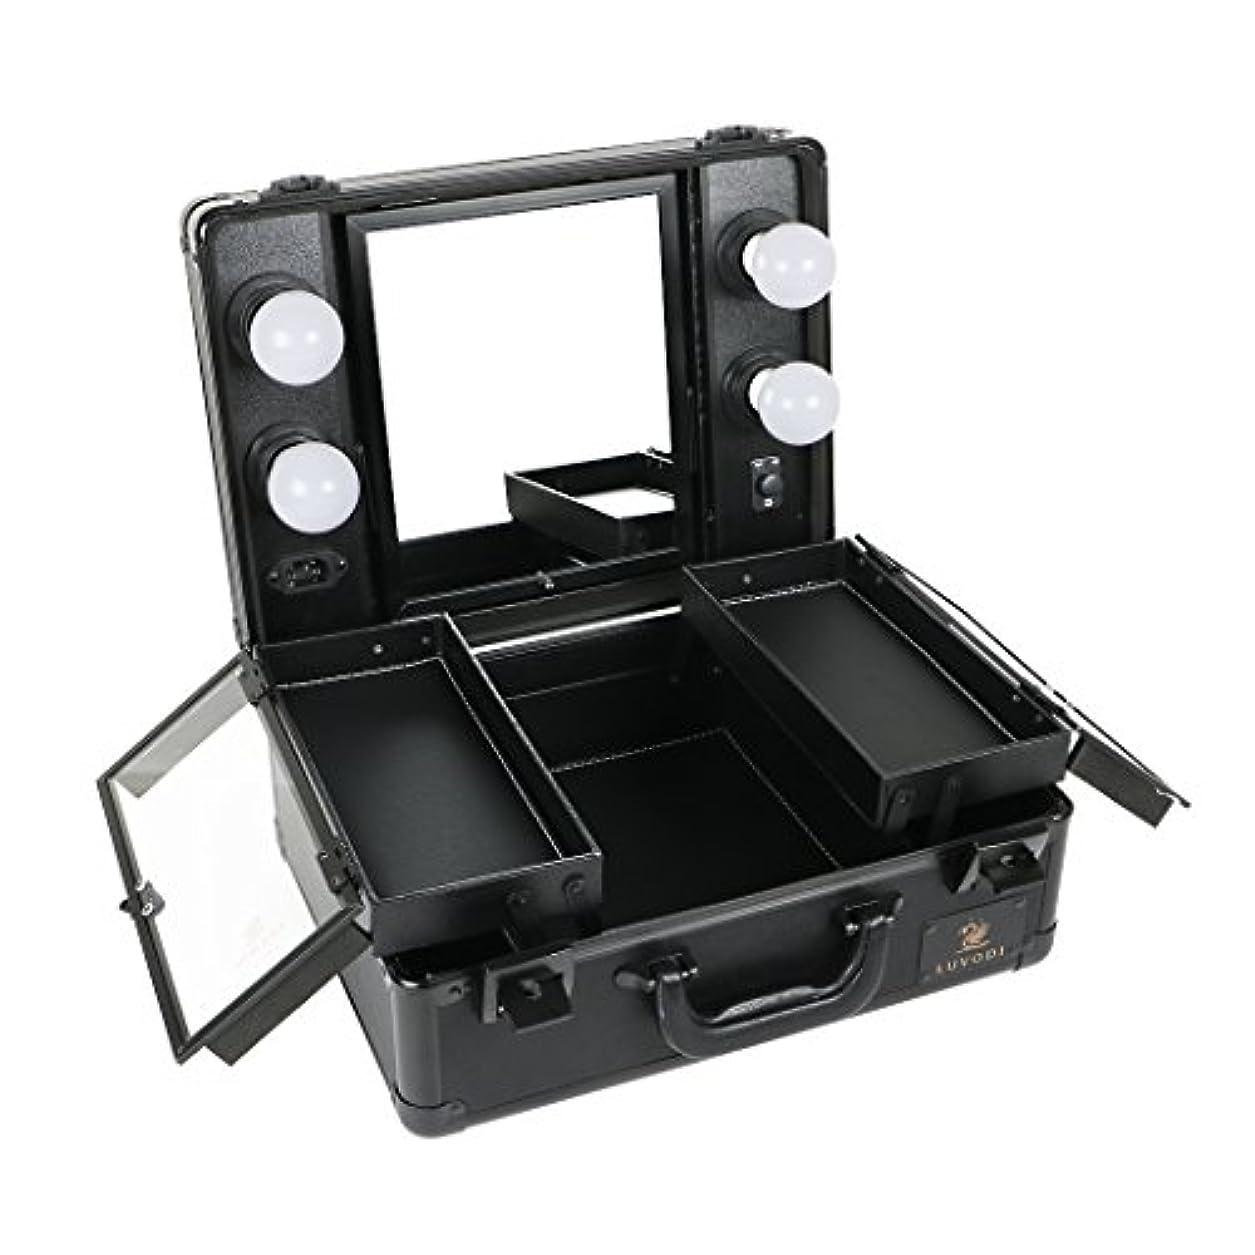 ブローホール発送ありそうLUVODI メイクボックス 鏡付き プロ用 コスメ収納ケース 大容量 ハリウッドミラー LEDライト 調光機能付き 卓上 ミニドレッサー 持ち運び 鏡台 鍵付き おしゃれ(黒)